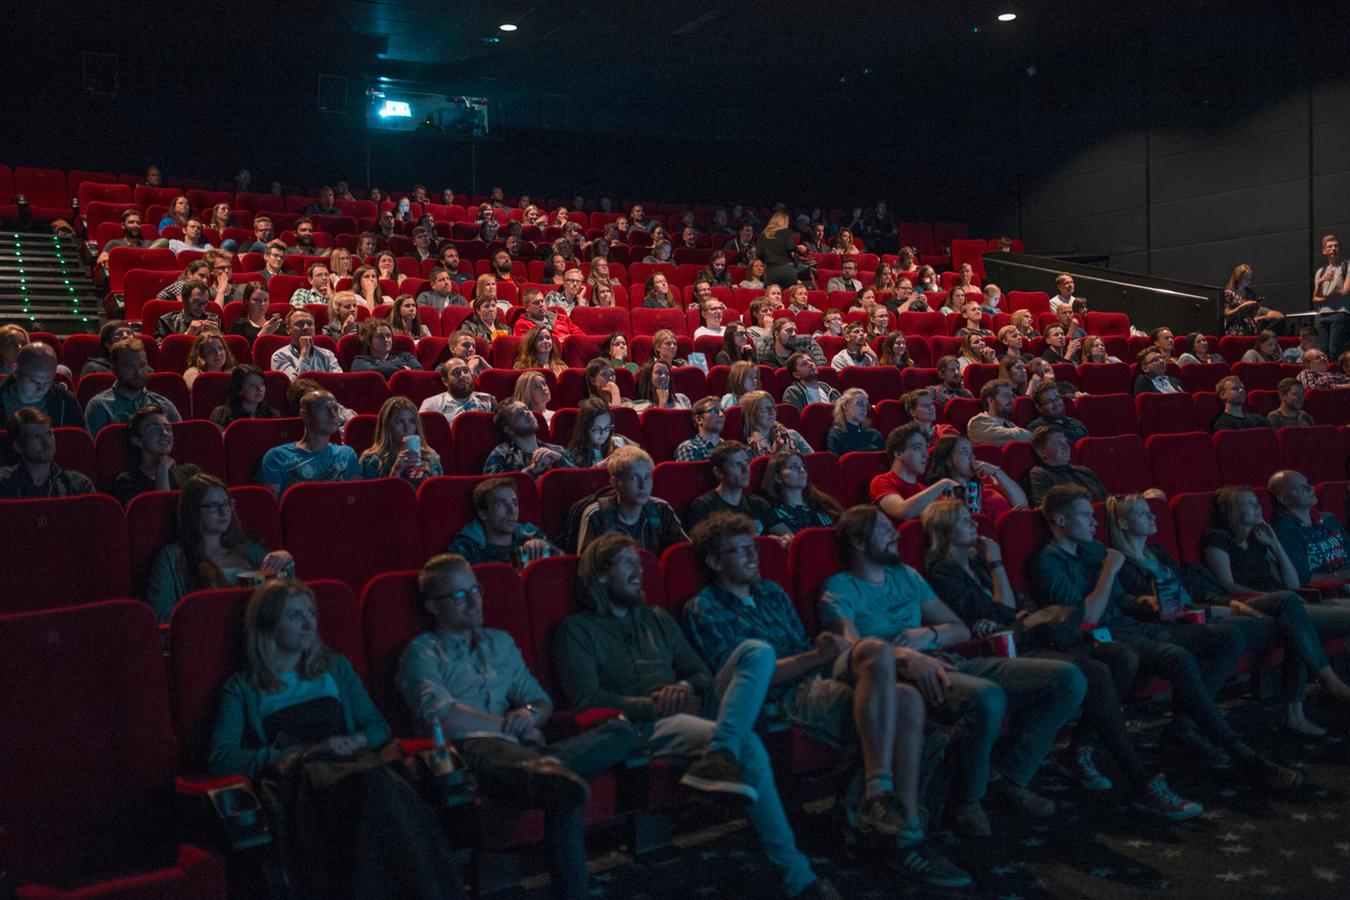 一群觀眾在電影院裡笑著看螢幕。